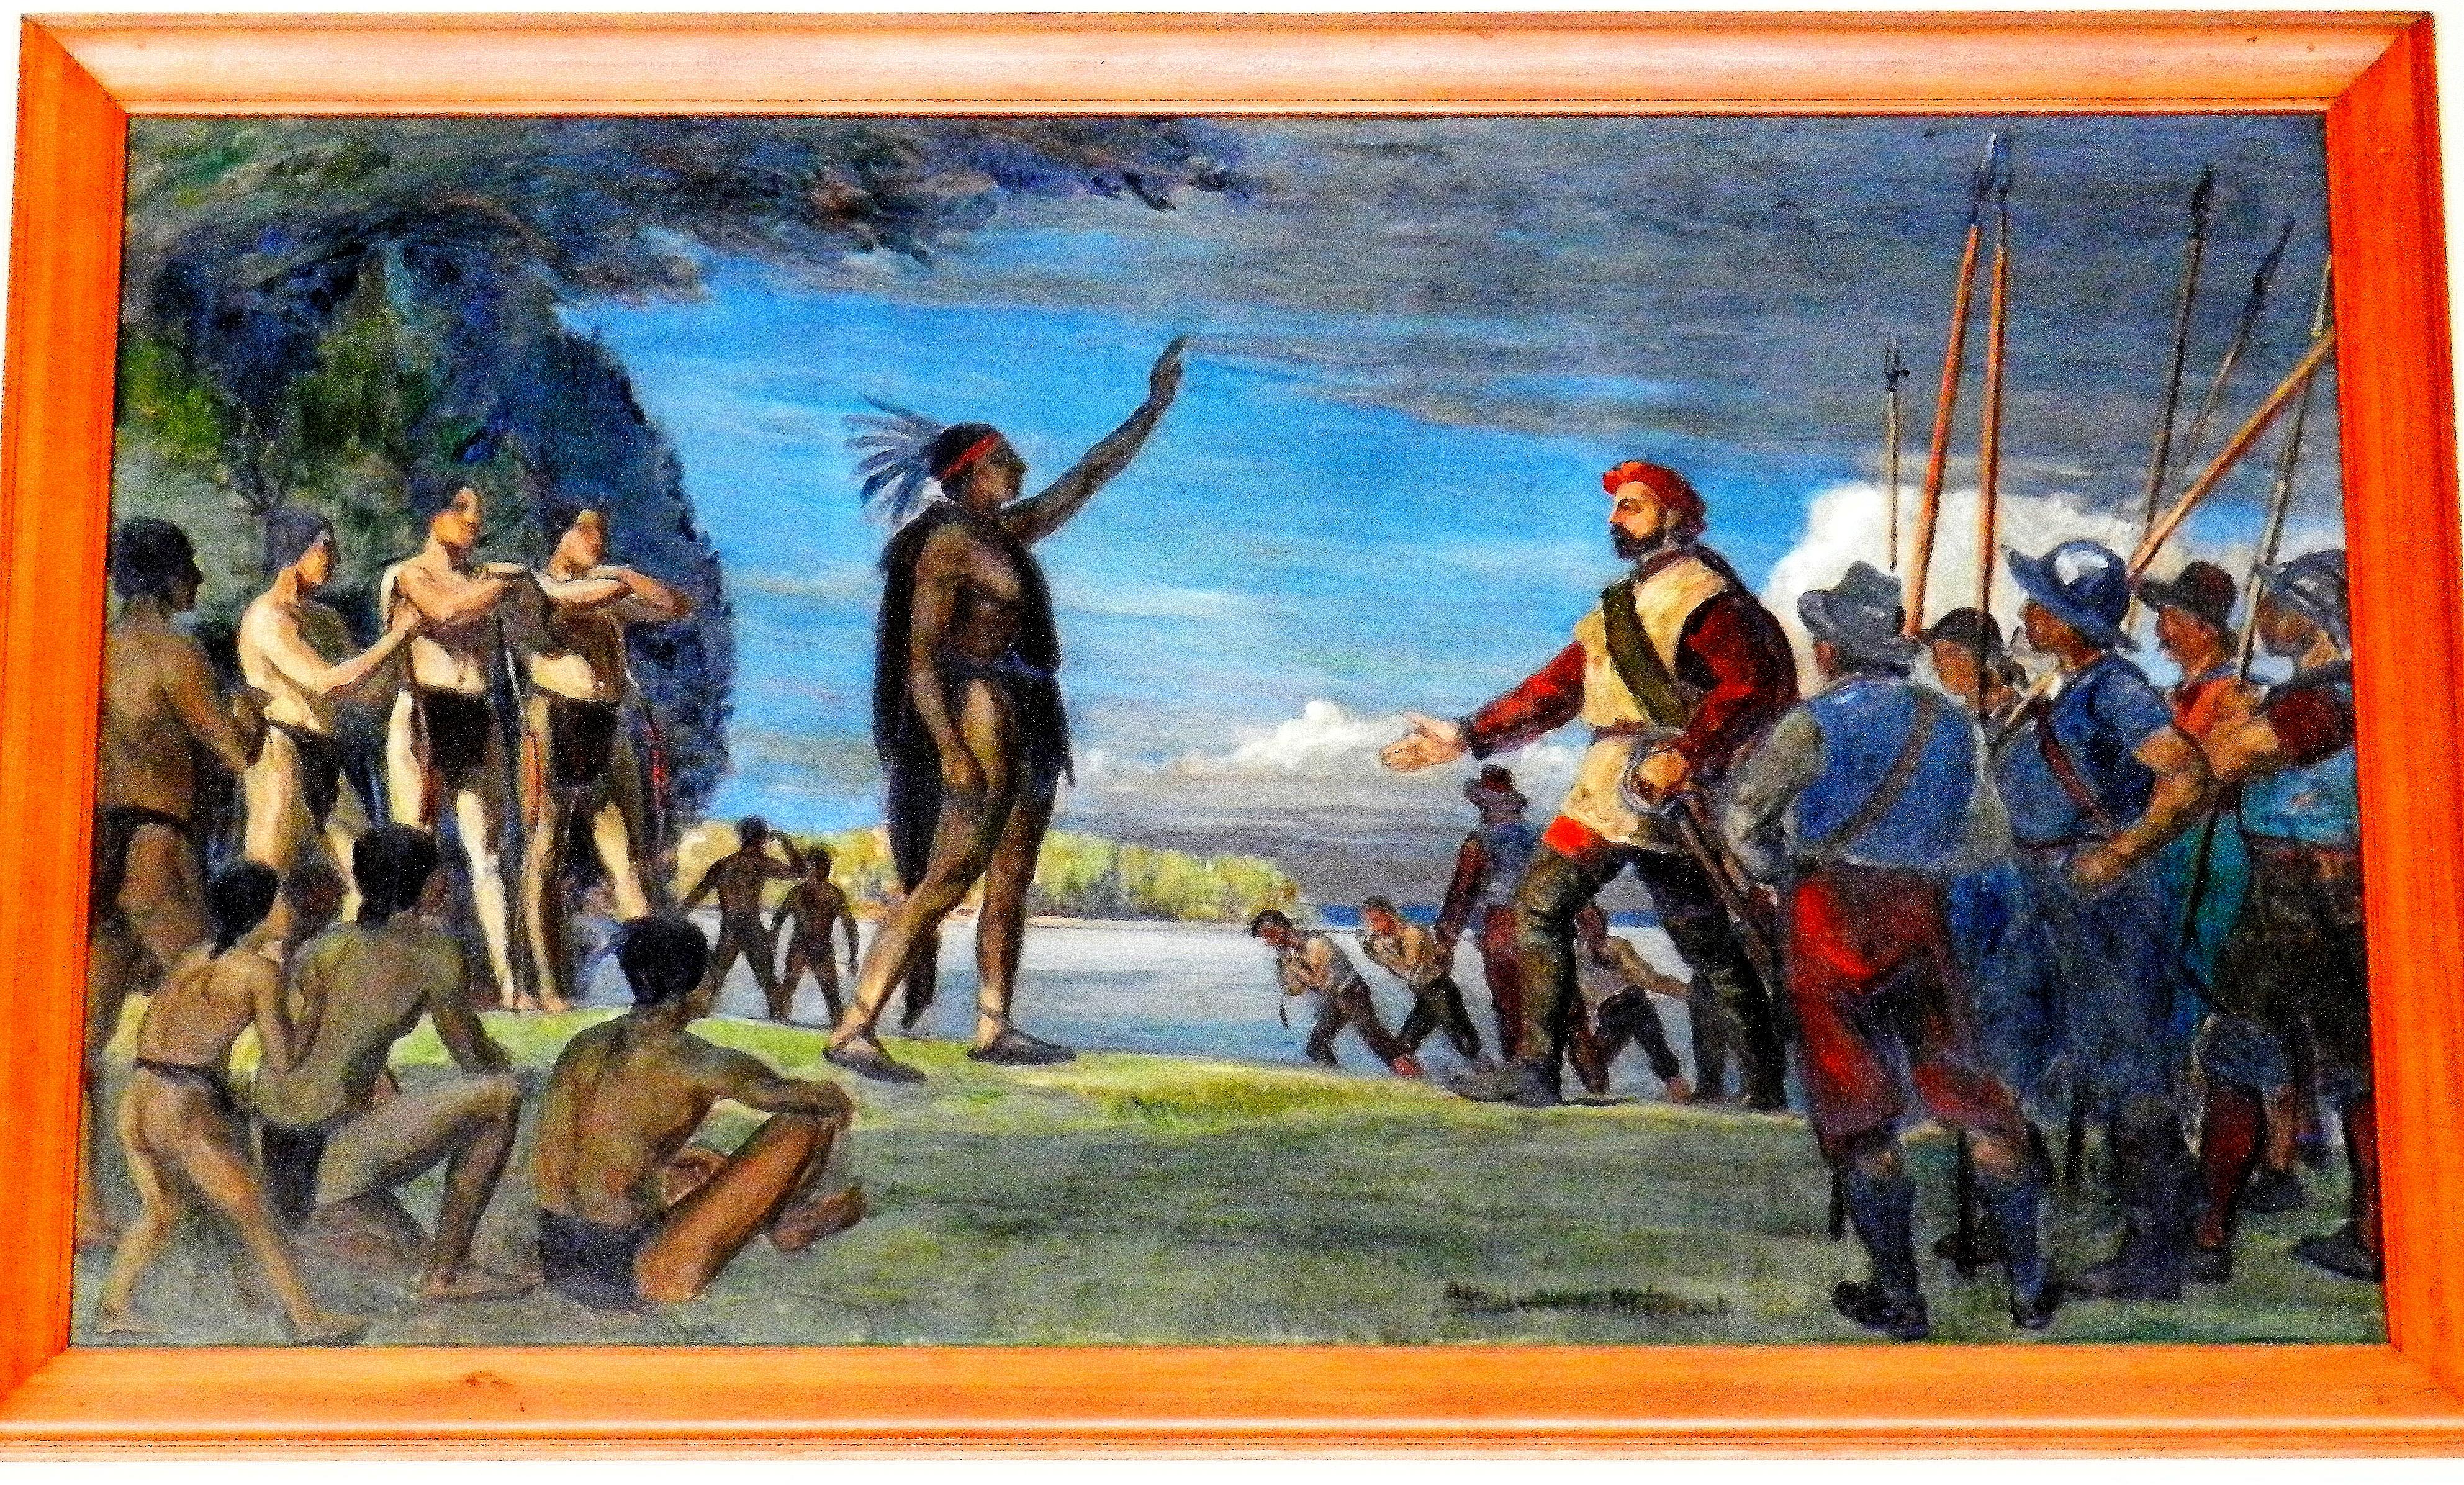 File:Jacques Cartier atterrit à Hochelaga en 1535 - Adrien Hébert.JPG